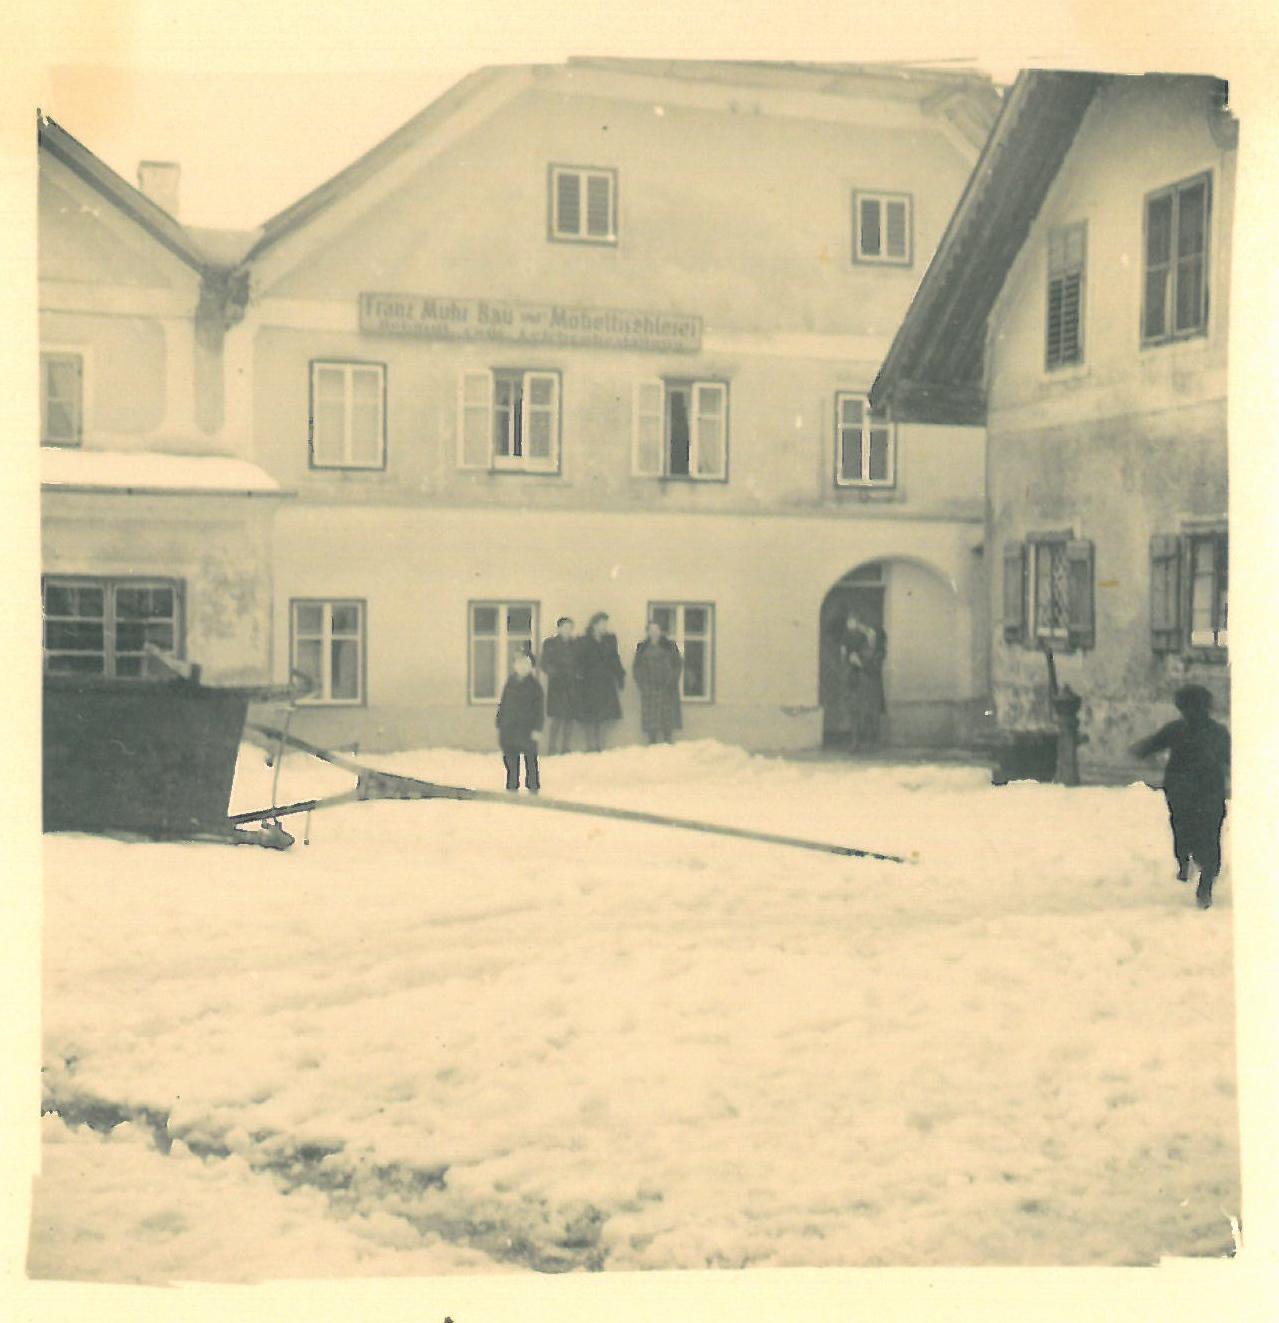 Historische Fassadenansicht, 1955.